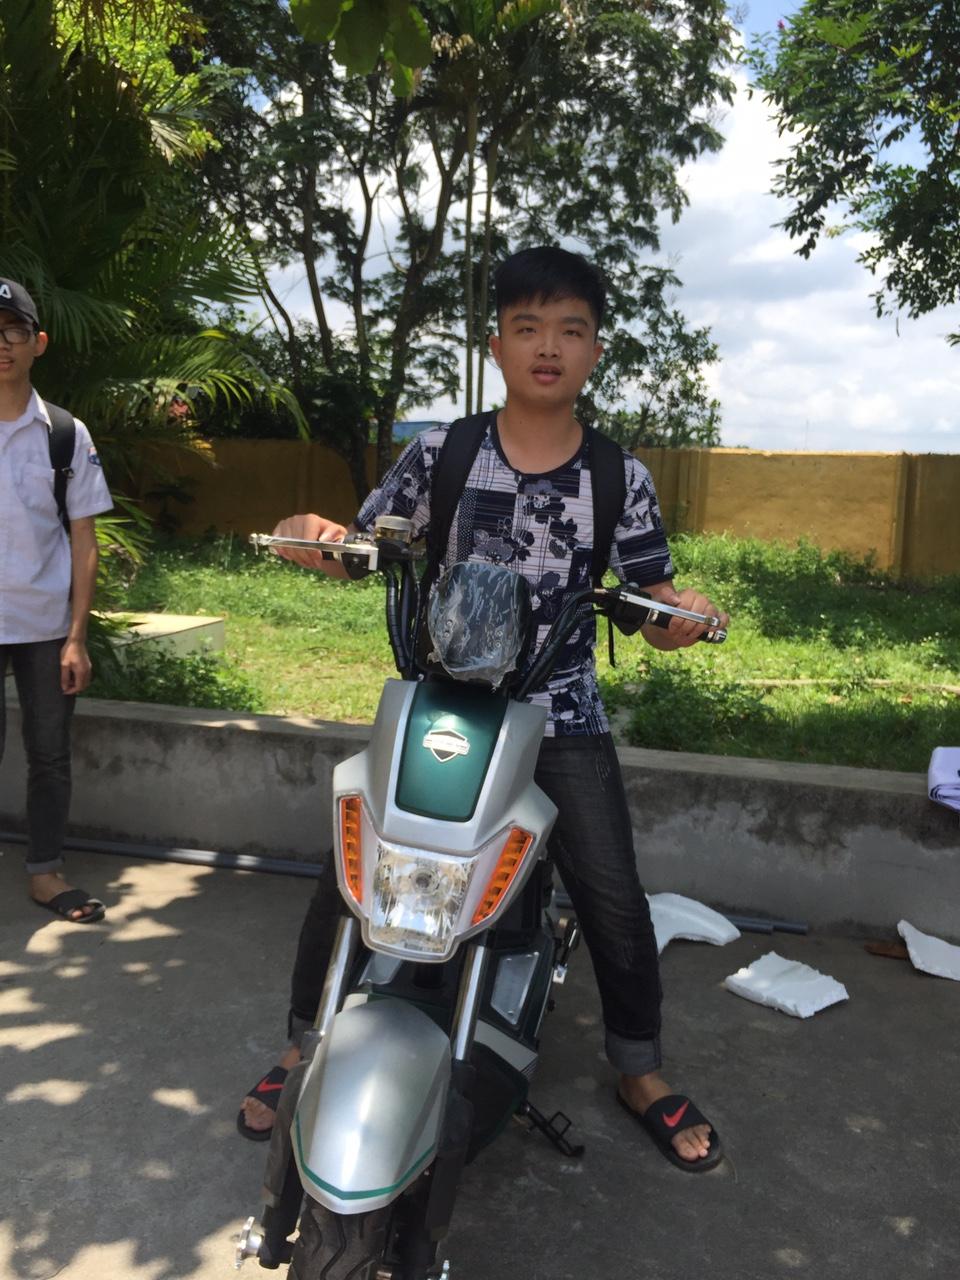 Đại lý Hoa Nghiêm - Chương trình An toàn giao thông - XE ĐIỆN BEFORE ALL